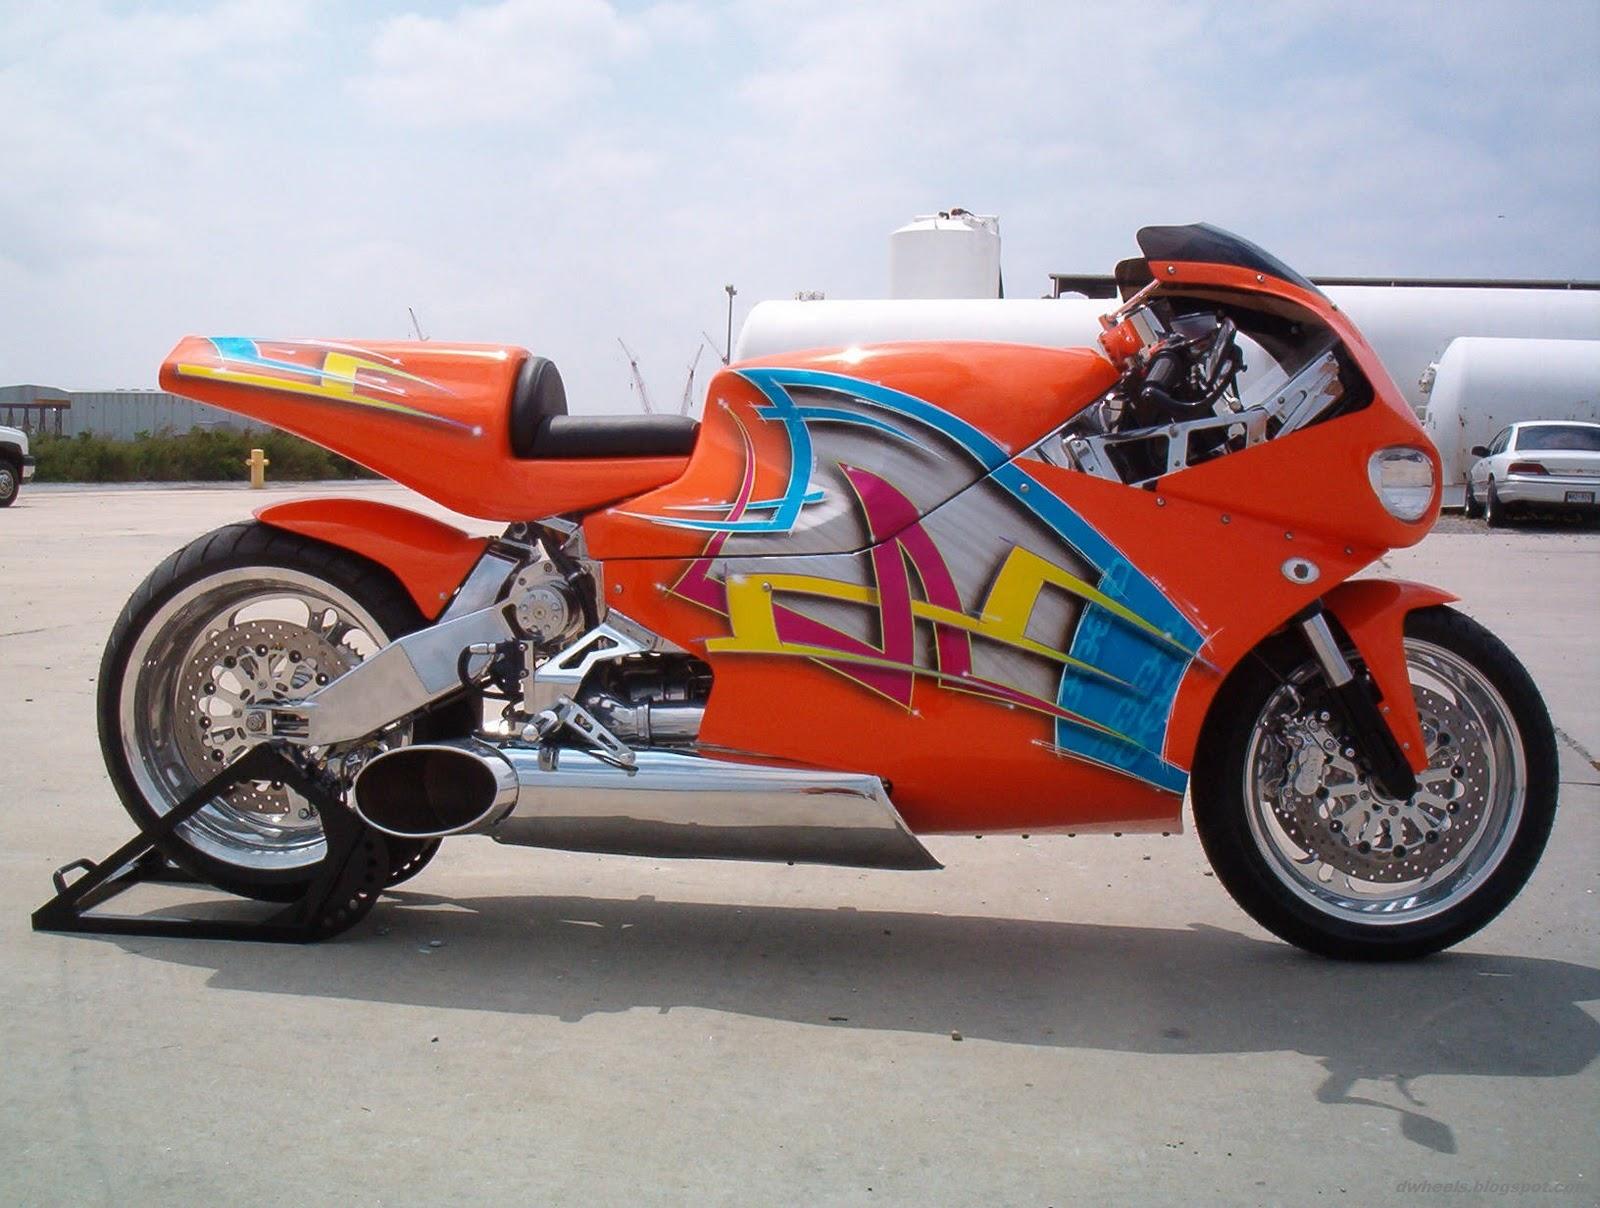 http://2.bp.blogspot.com/-LpHfDIpPoGA/TslIEAn-yTI/AAAAAAAAAEI/3RHXcMBf3JY/s1600/MTT-Turbine-Streetfighter-4.jpg